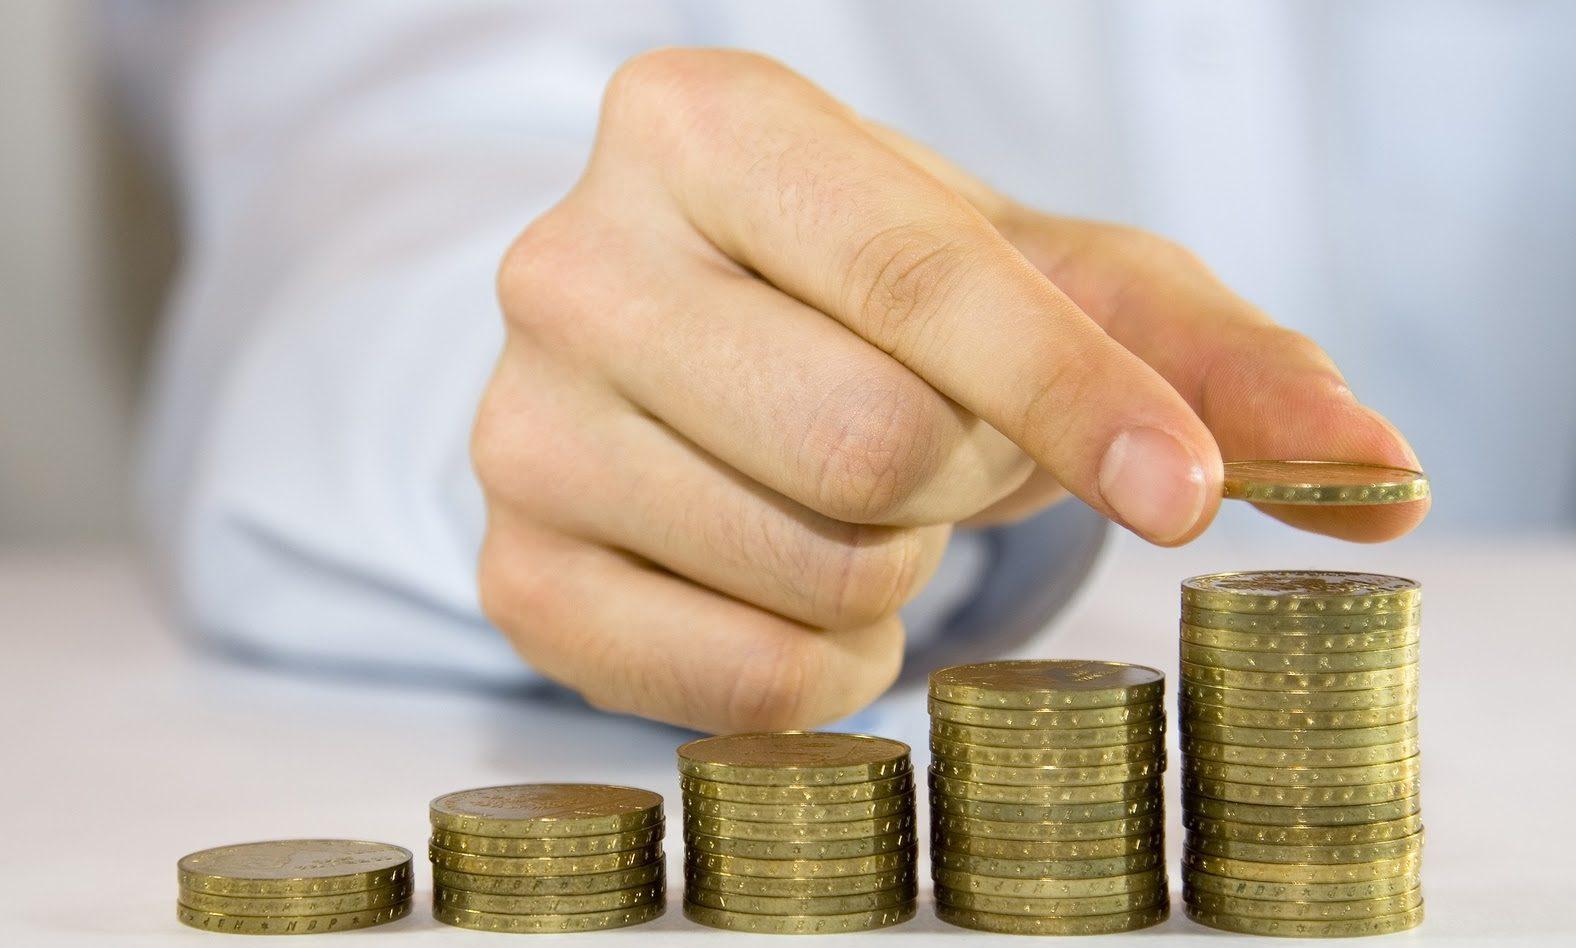 gyors pénz a diákoknak)